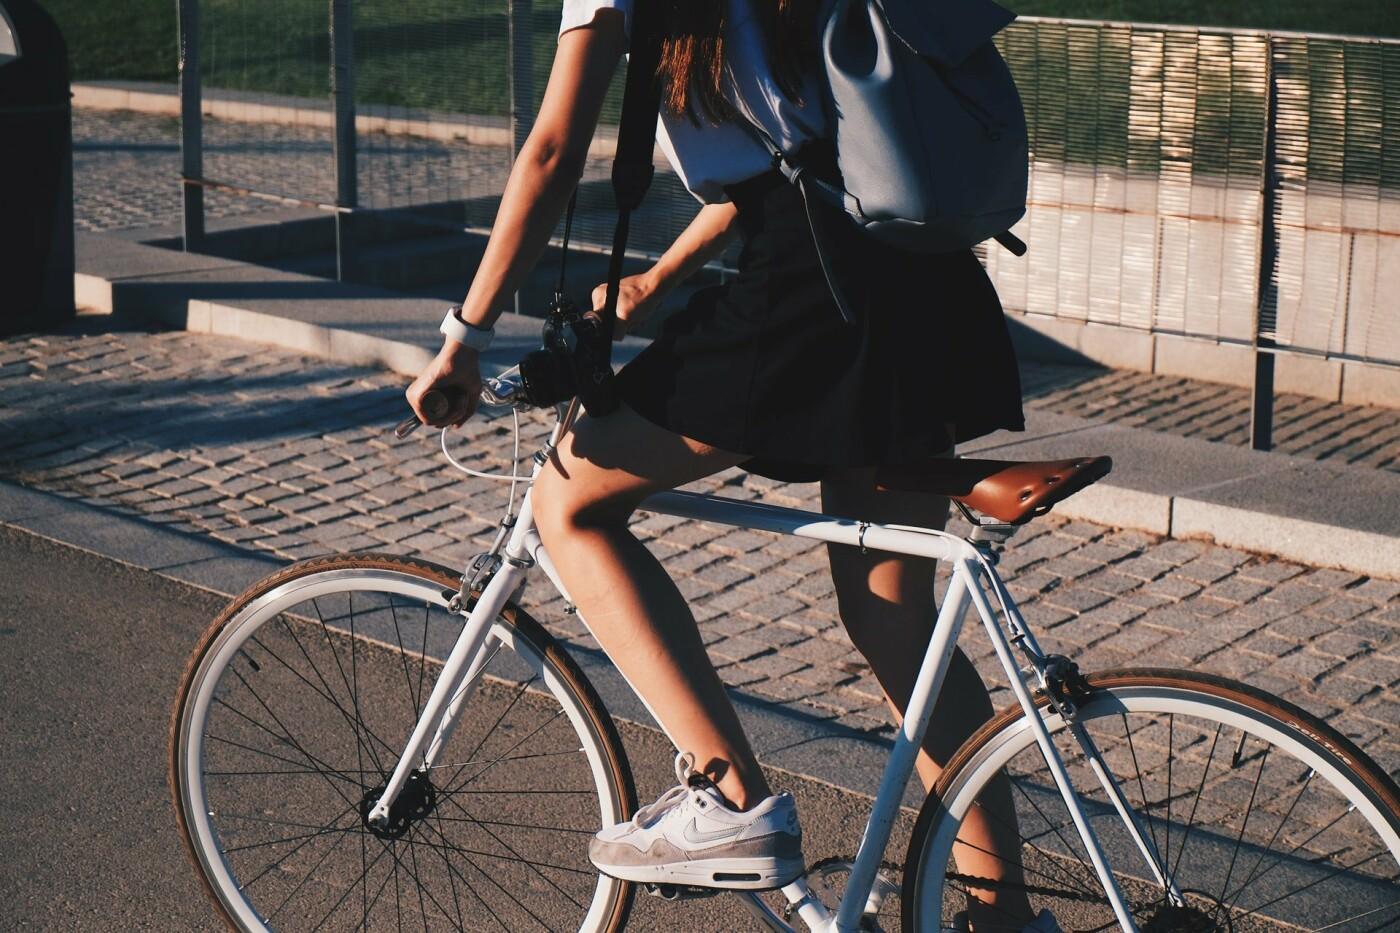 ТОП-5 причин перейти на самокаты или велосипеды в Киеве, Фото: Murillo de Paula